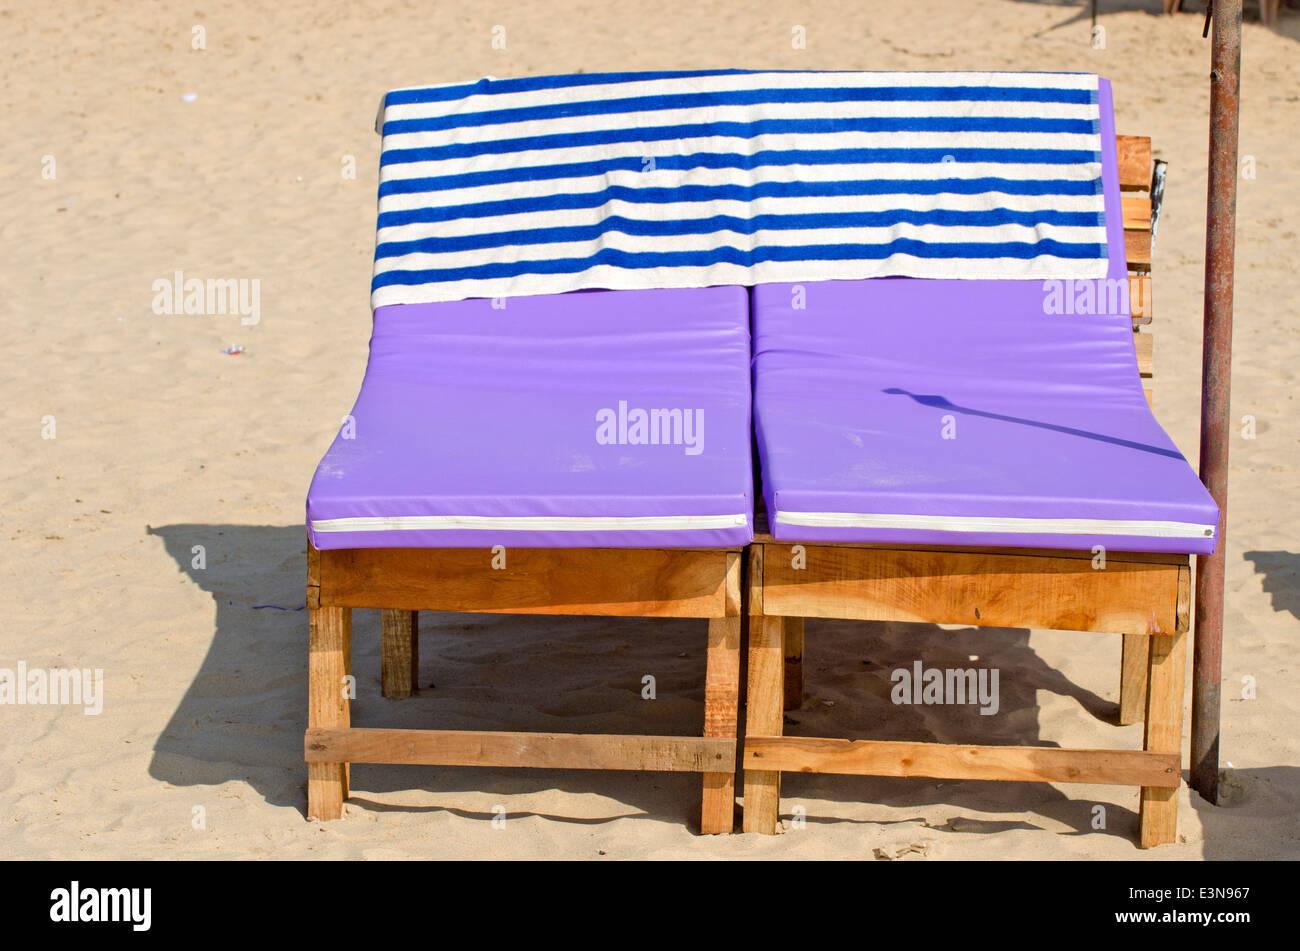 Relaxing sofas seats on beach sand, Goa, India Stock Photo ...